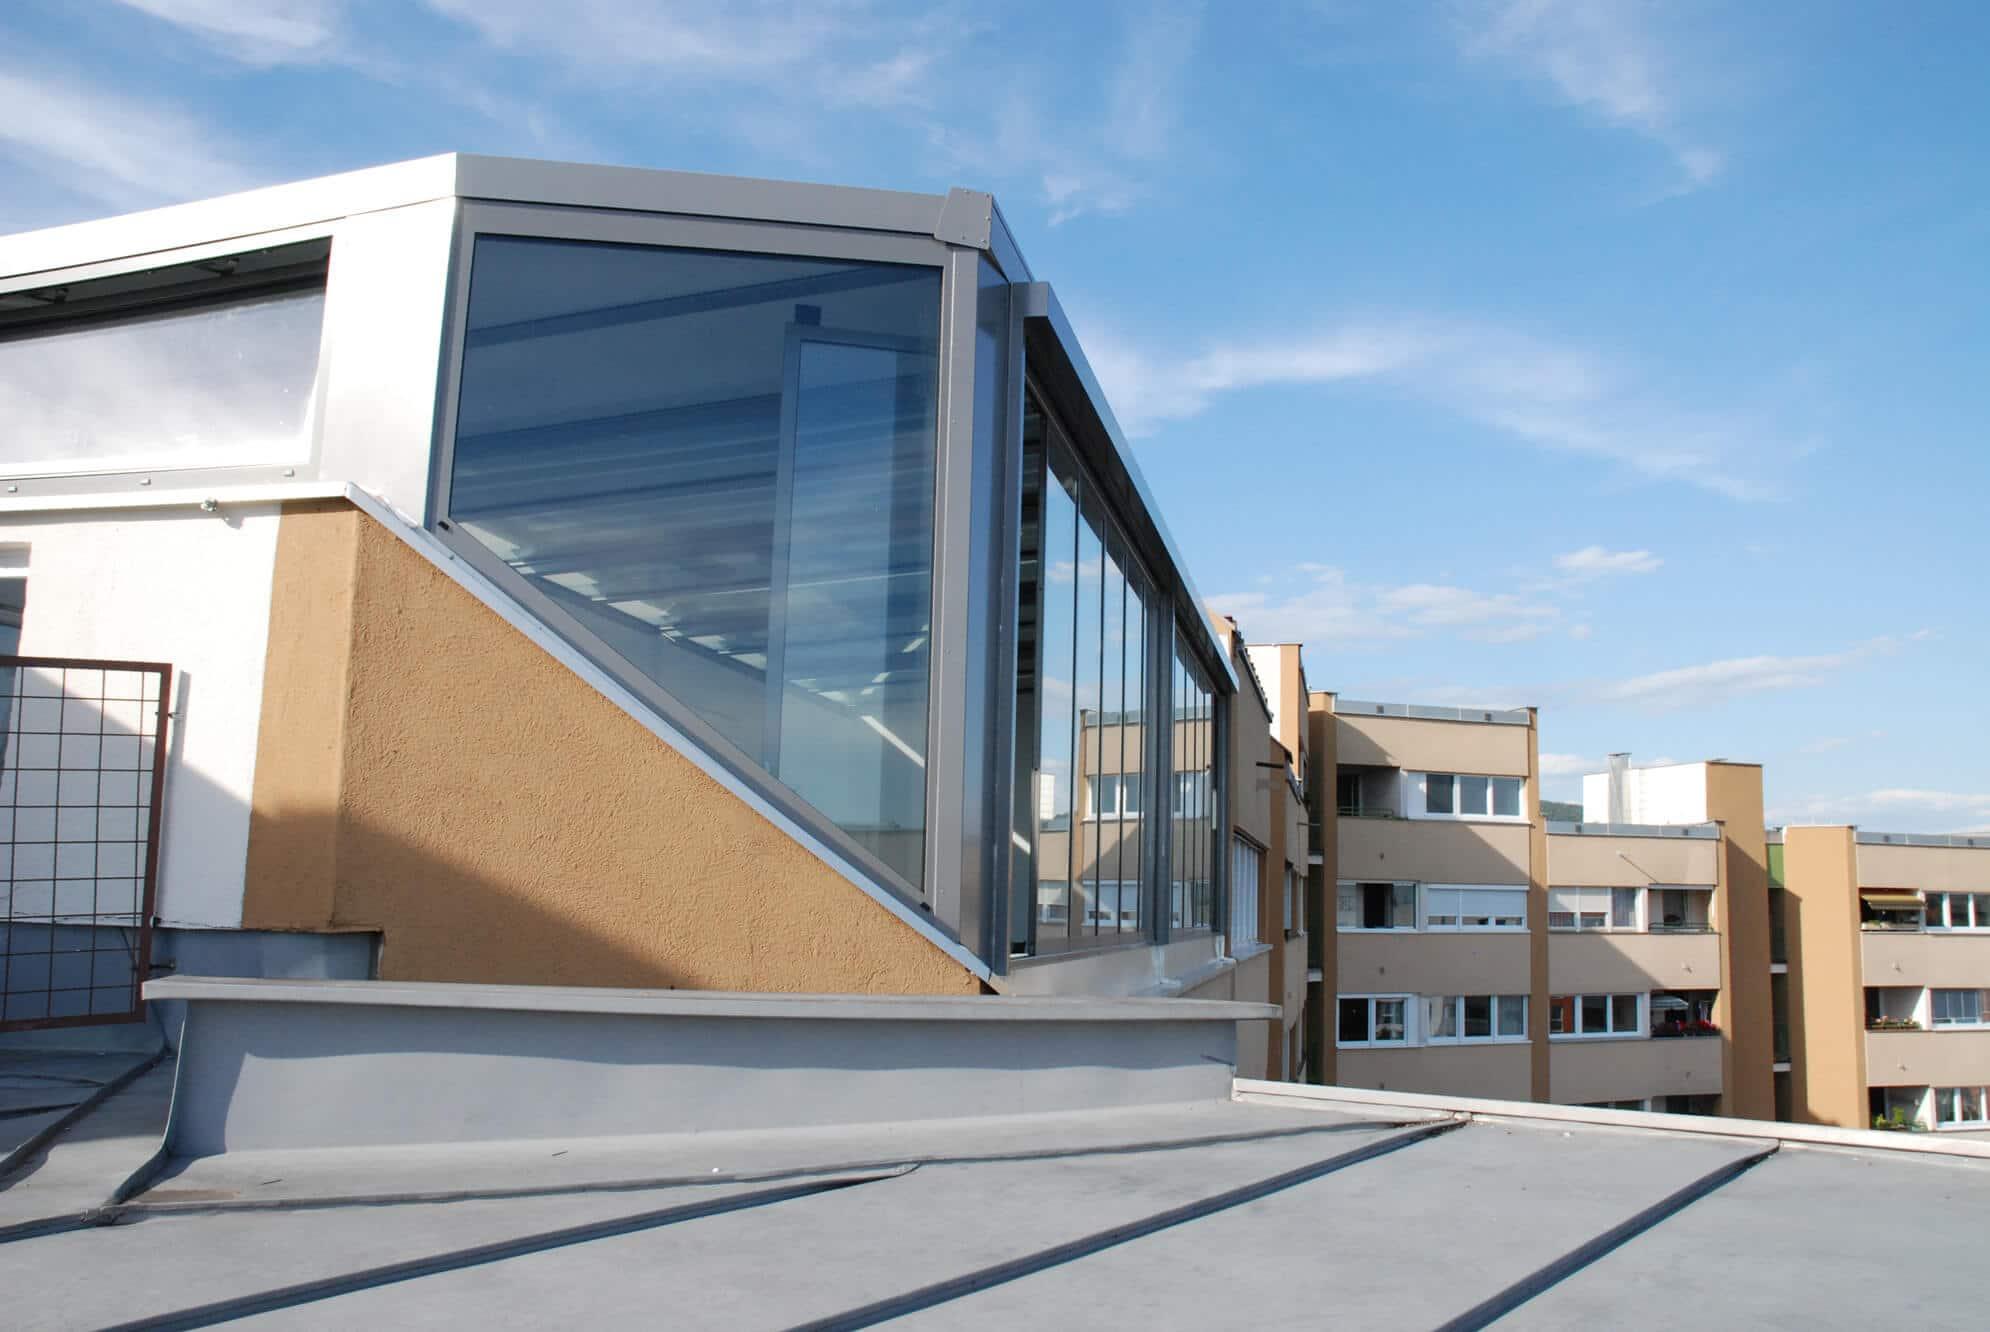 Sommergarten mit thermisch getrennten Dachsparrensystem und Isolierglas